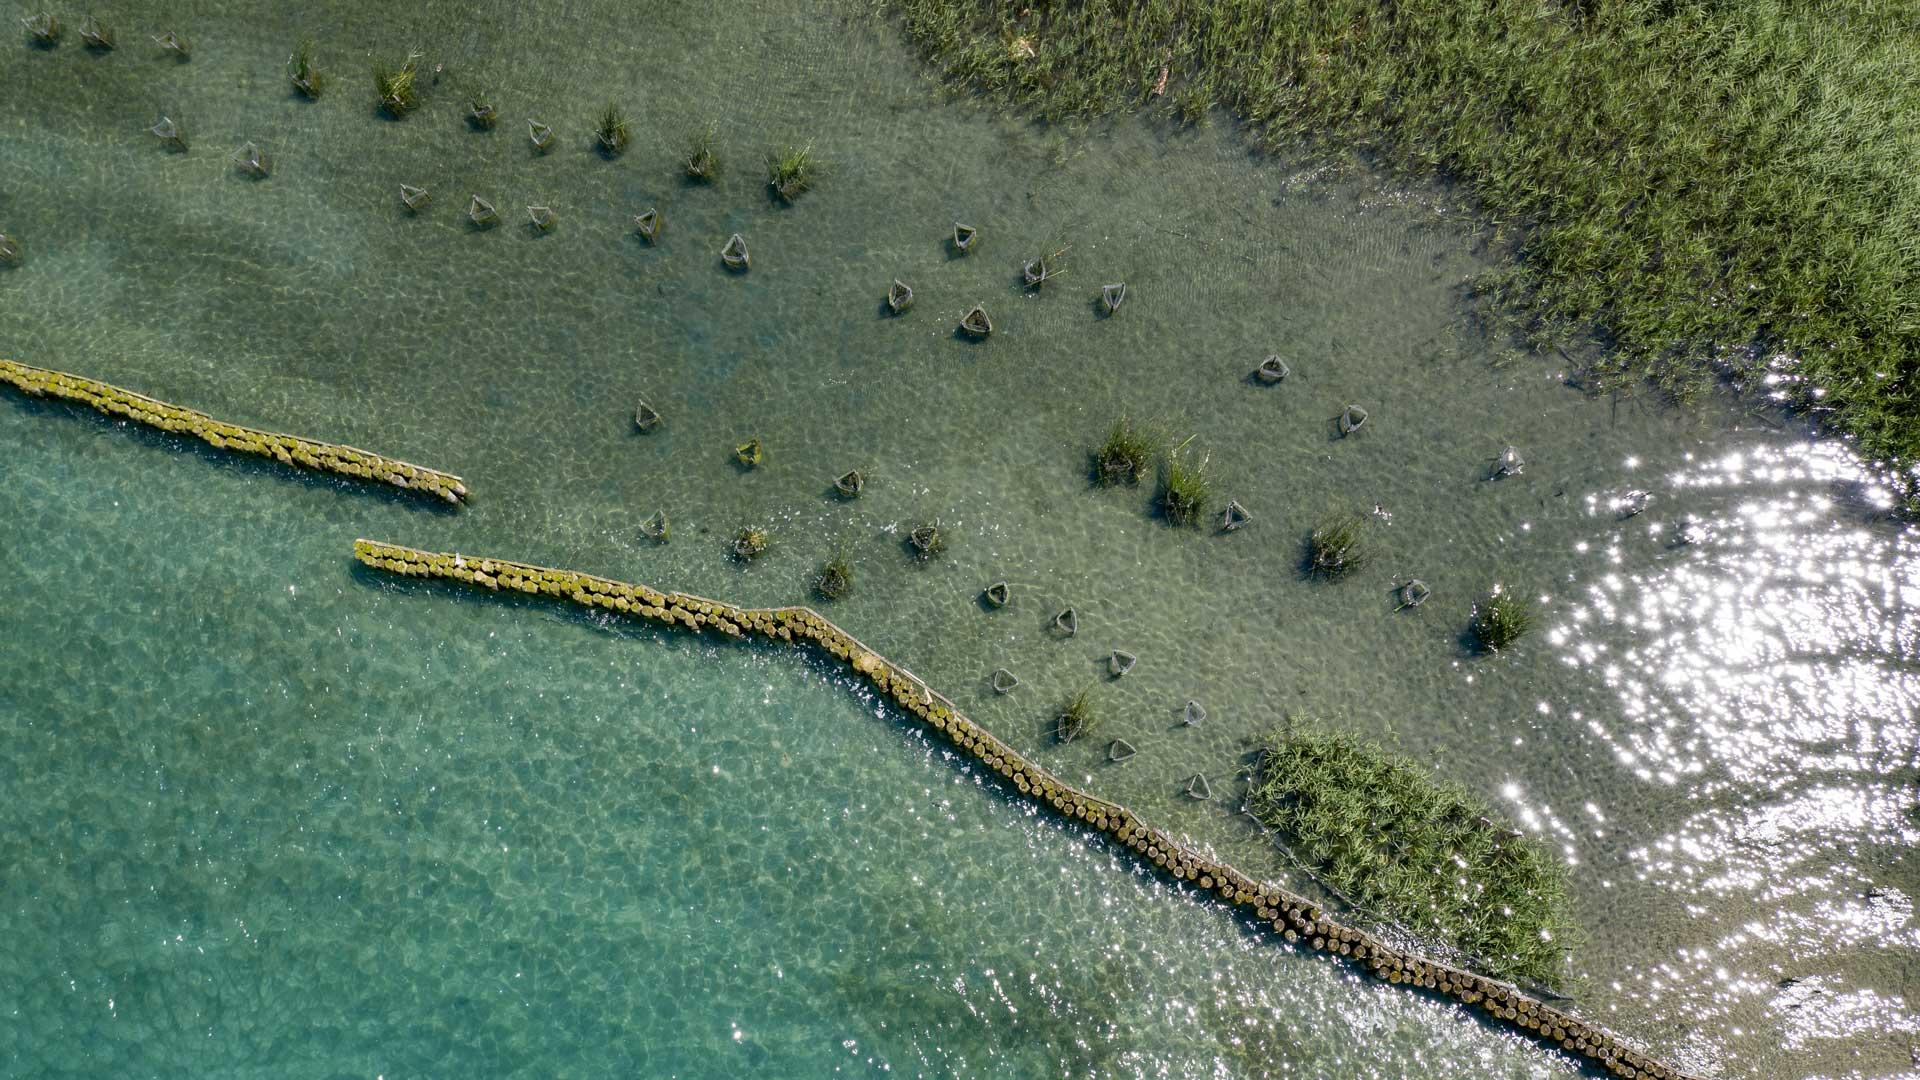 Vue aérienne de la Réserve Naturelle du Bout du Lac